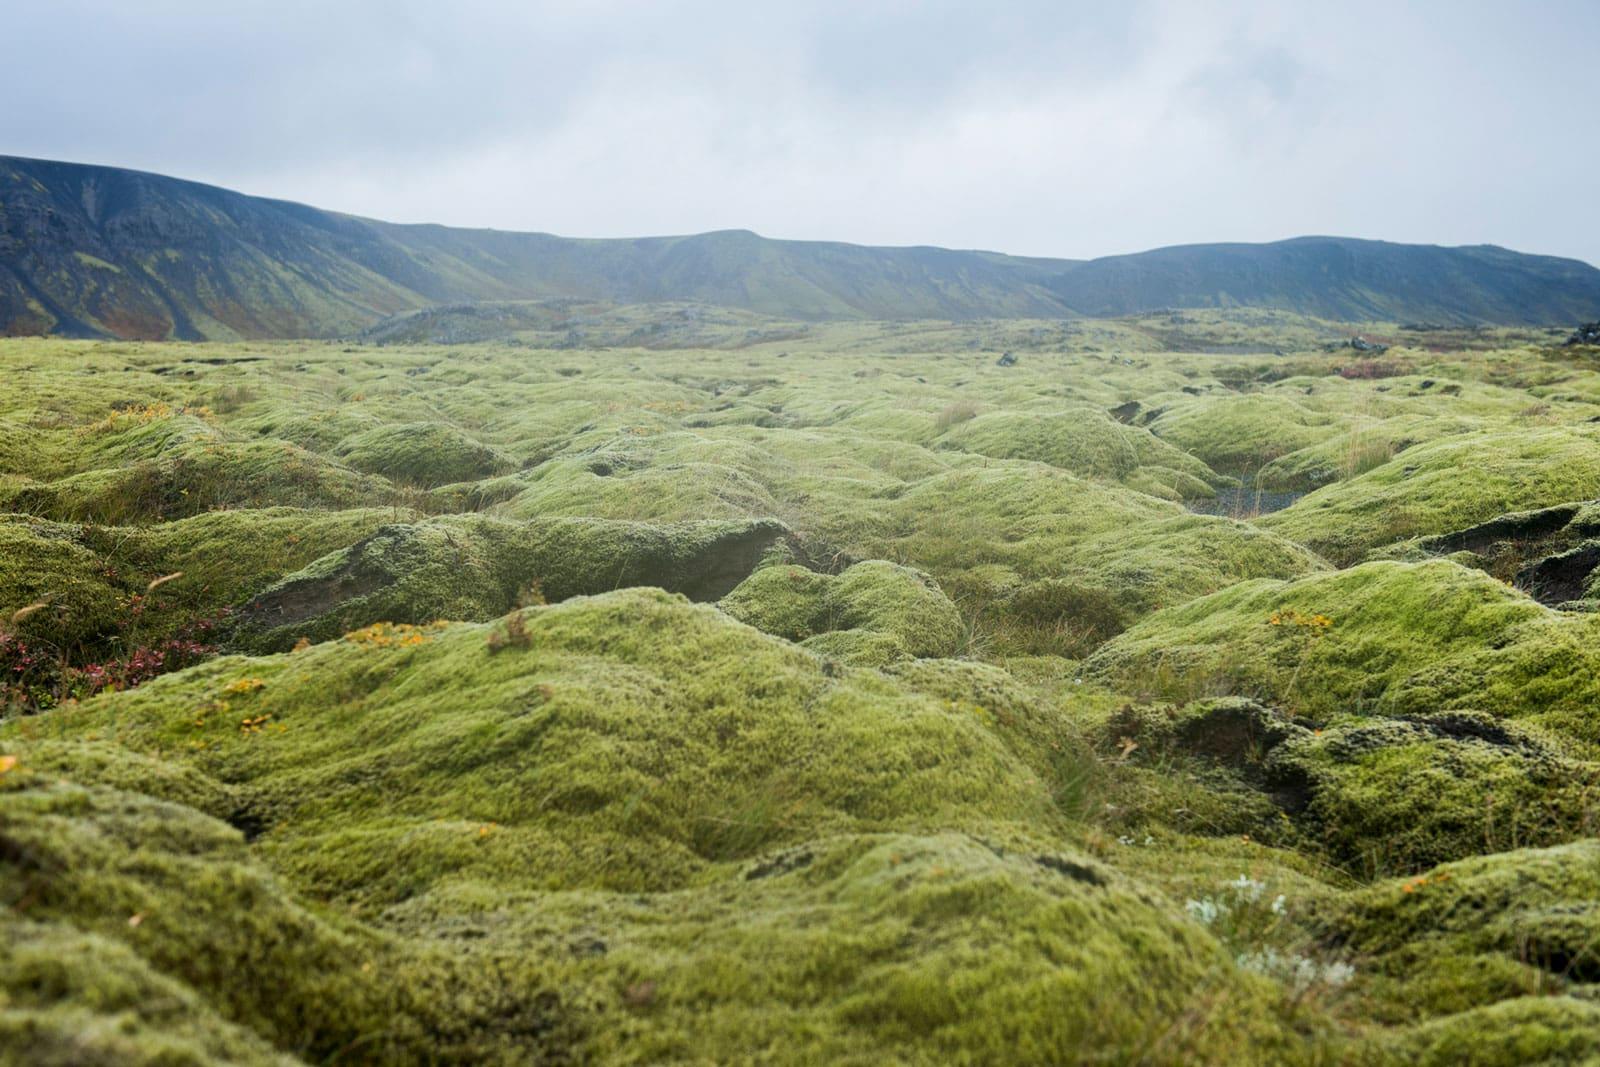 grüne, weichgeschwungene Mooslandschaft